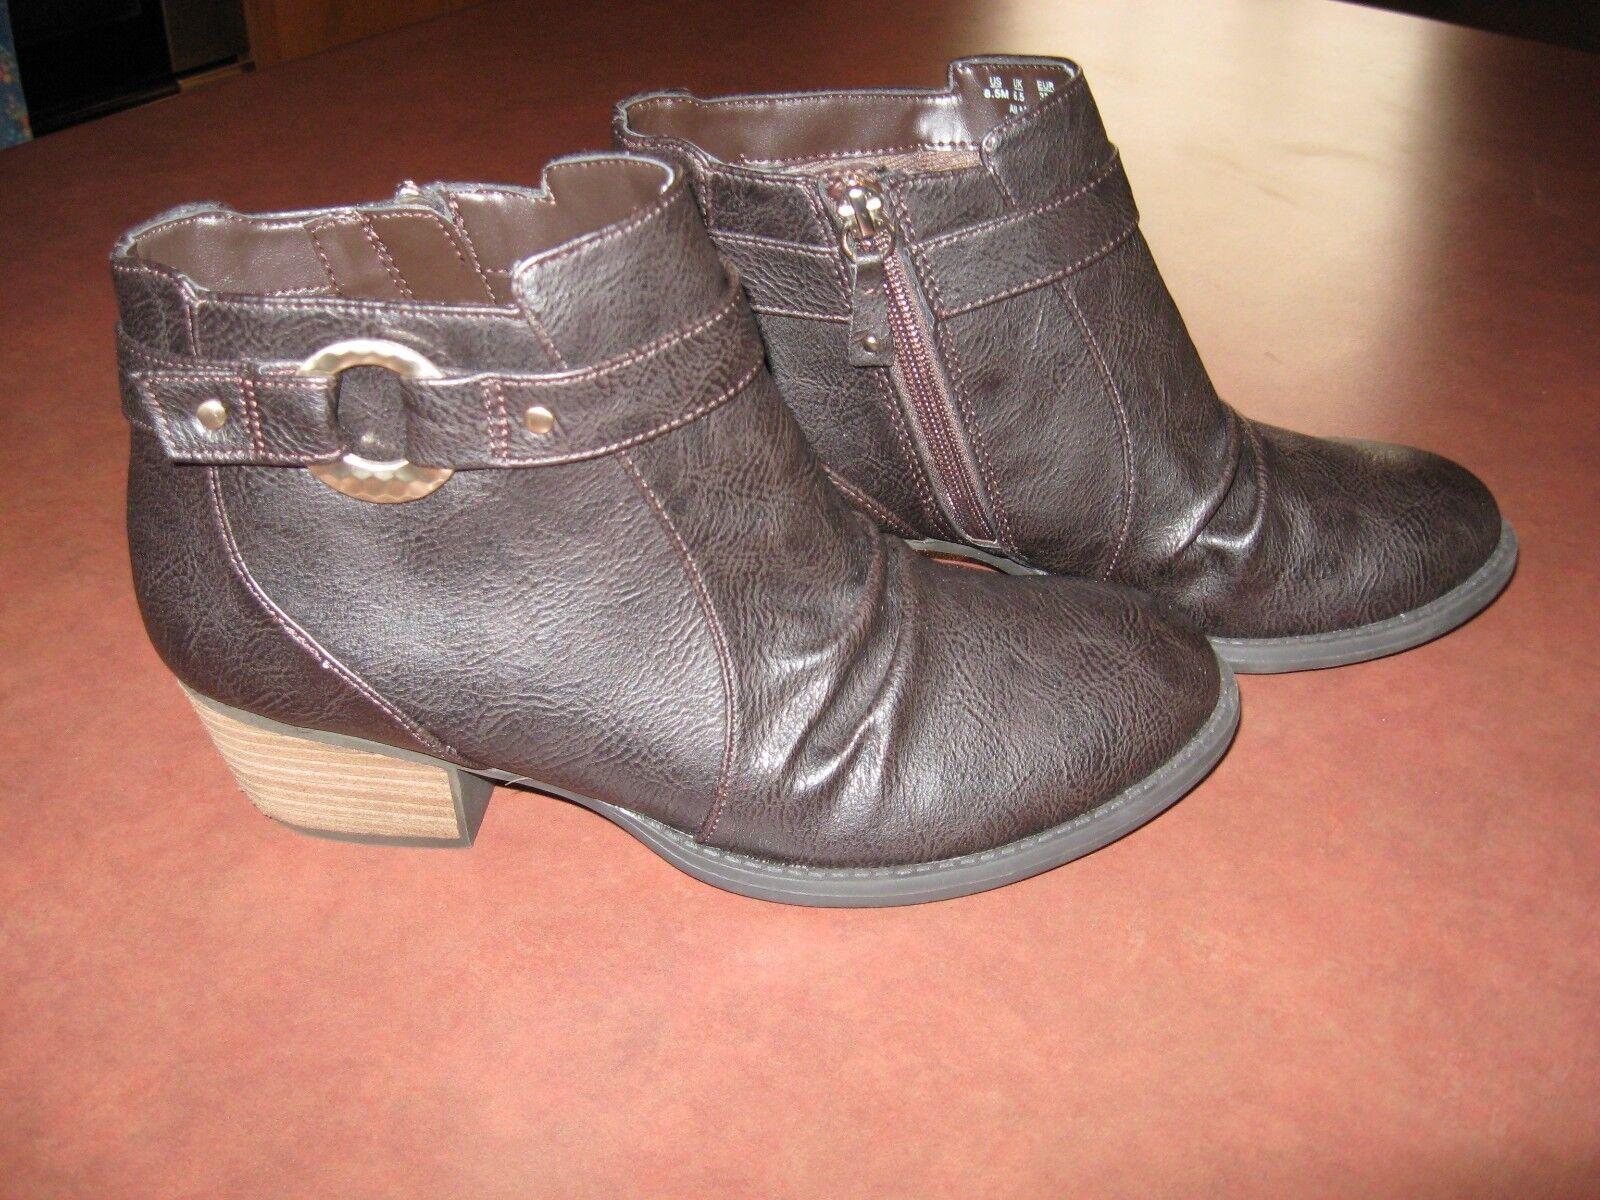 Dr. Scholls Dark Zip/Elastic Brown Ankle Boots Booties Memory Foam Zip/Elastic Dark Size 8.5M b3fca0